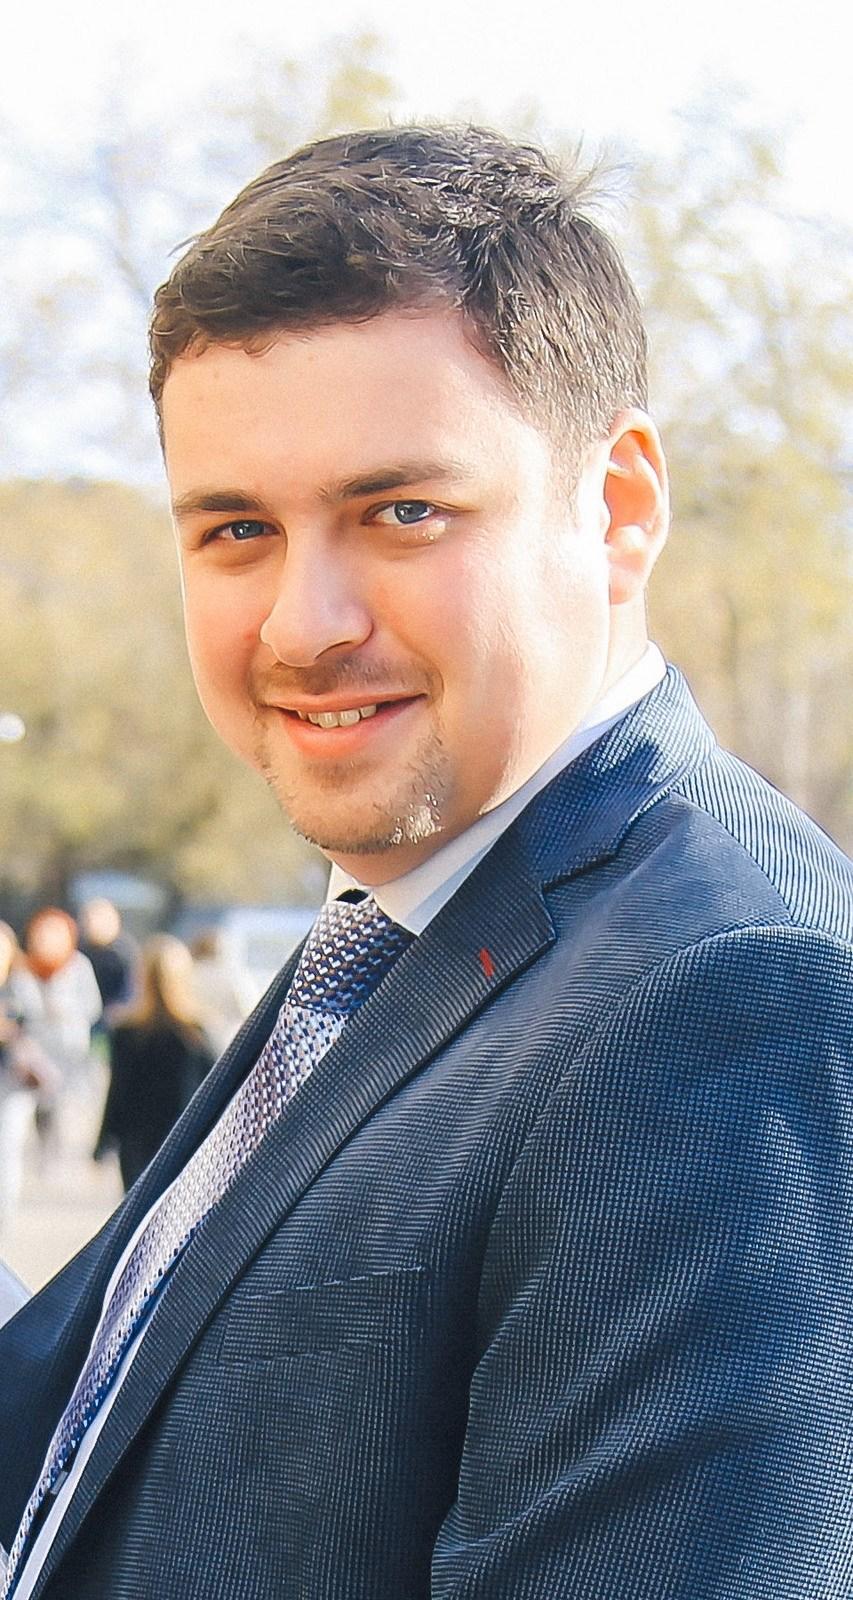 Эдуард Миронов, директор по закупкам транспортных услуг FM Logistic